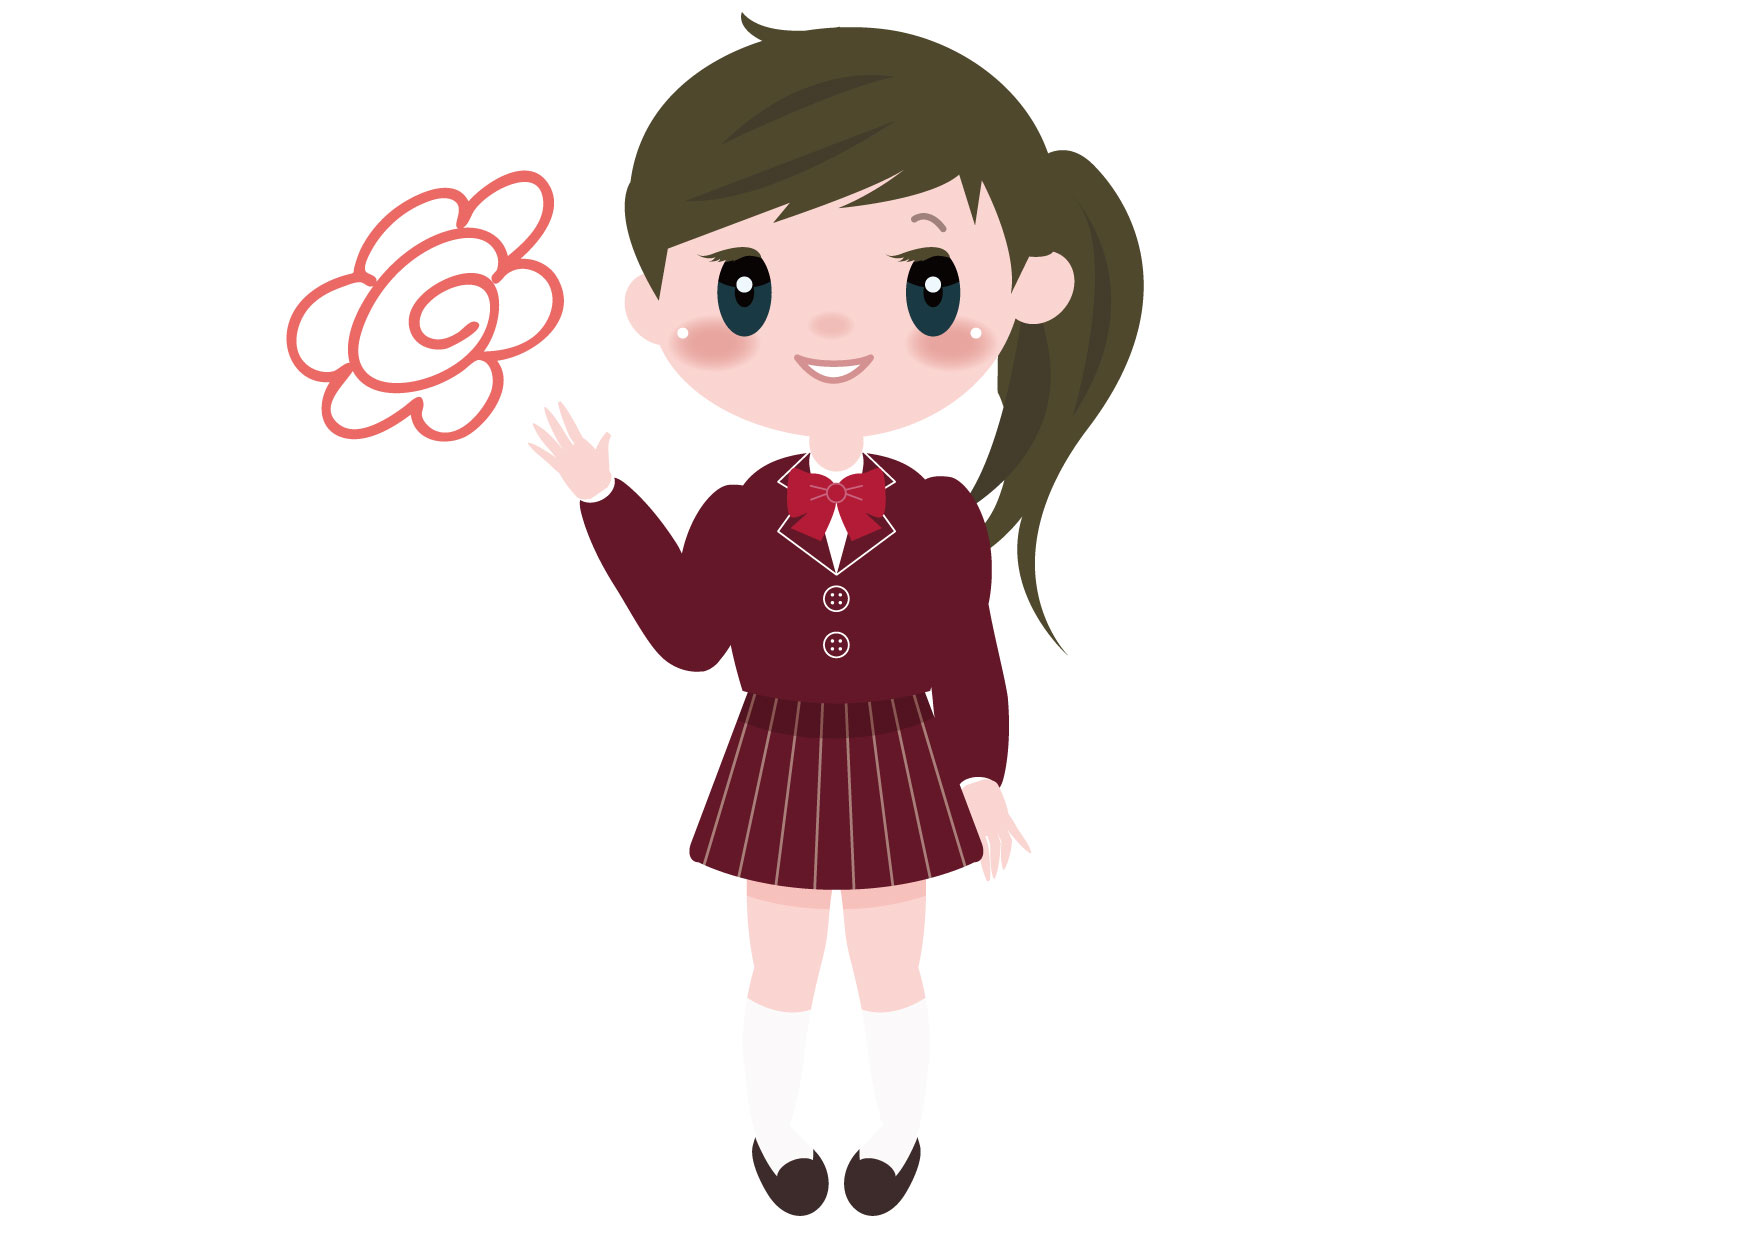 可愛いイラスト無料|学生 女の子 全身 花丸 − free illustration Student girl whole body flower